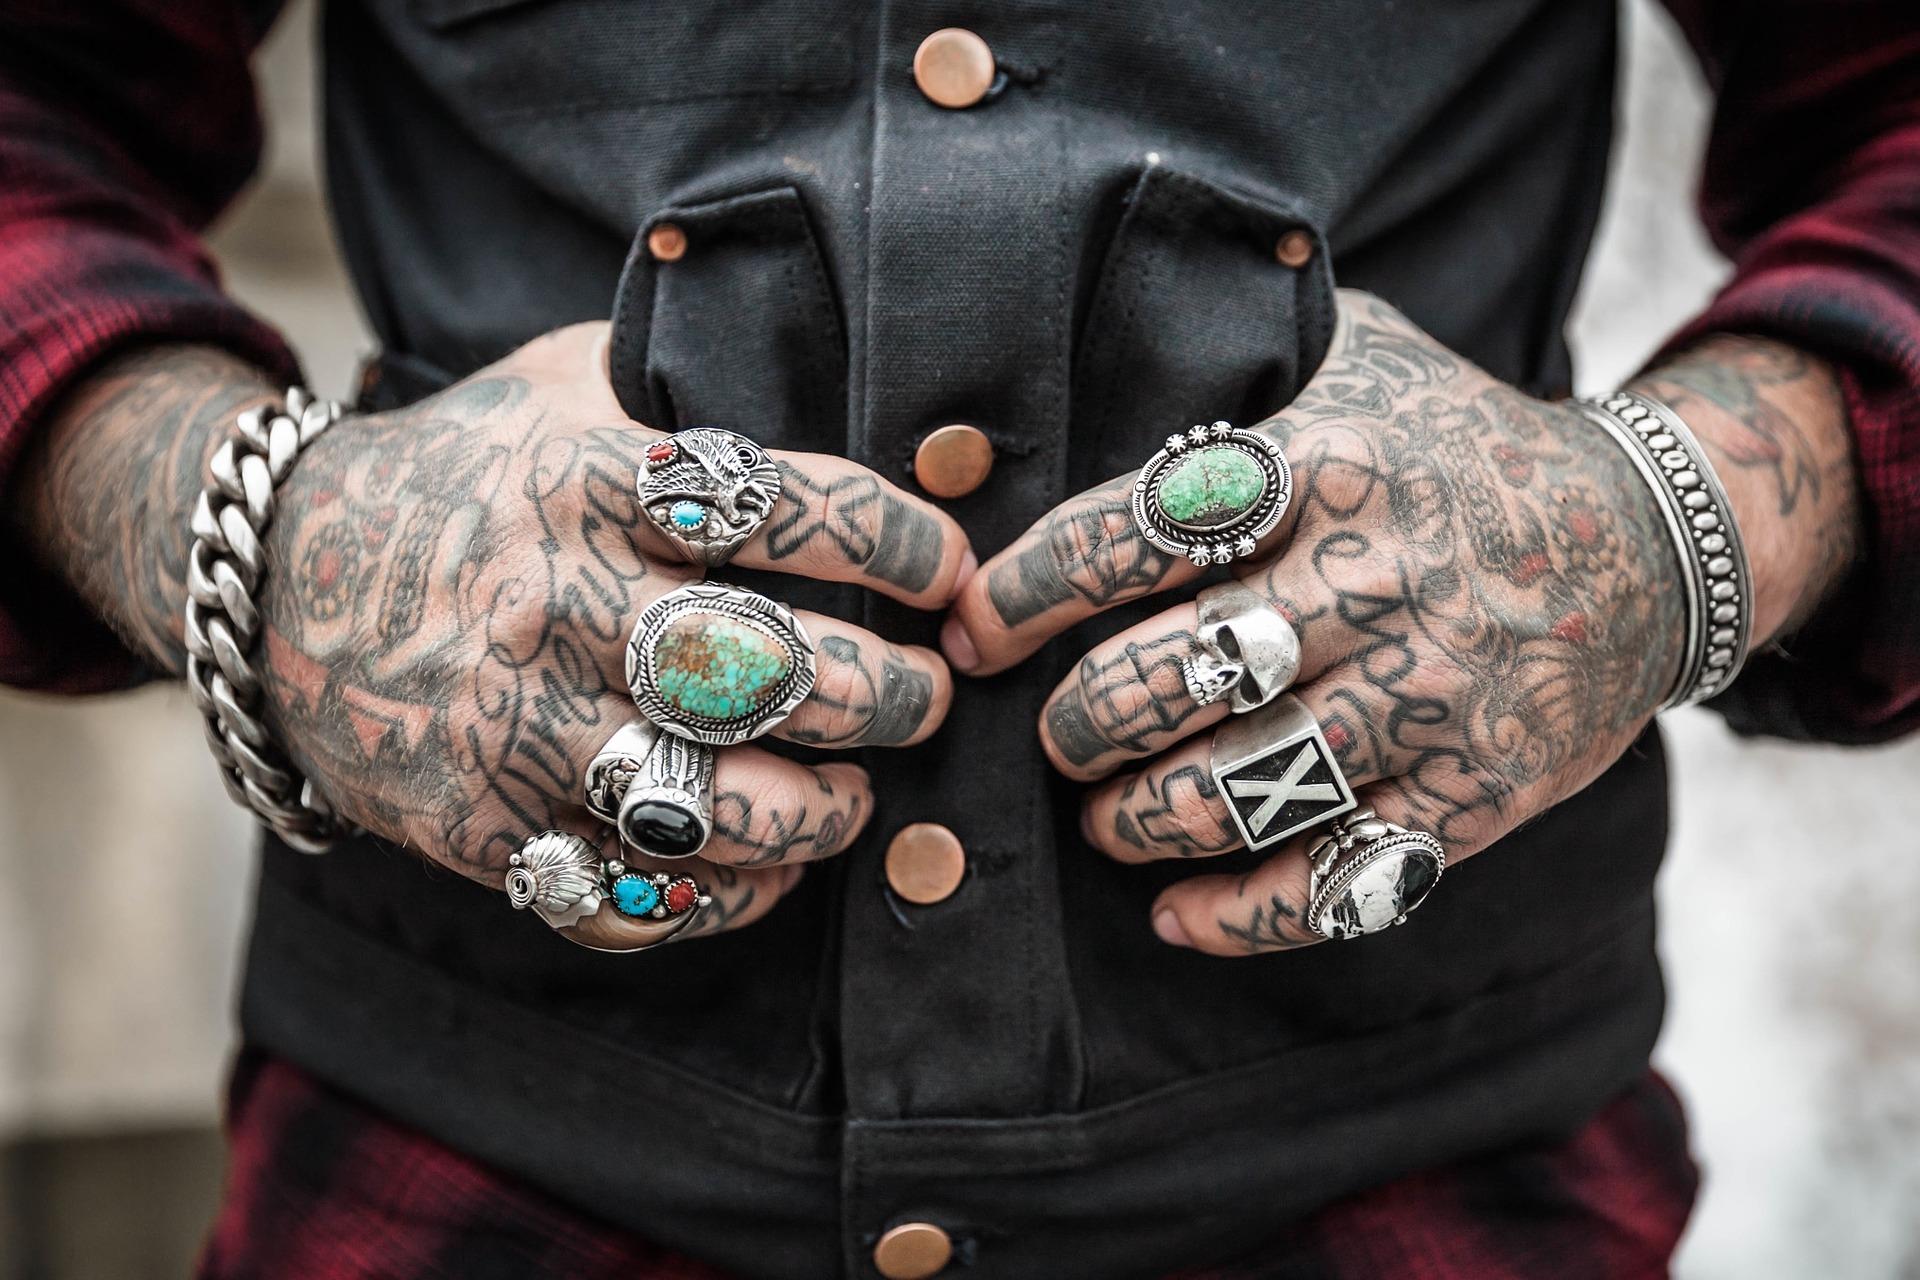 Tattoo Shop in Houston, TX   (713) 941-8787 i45ink & Piercings